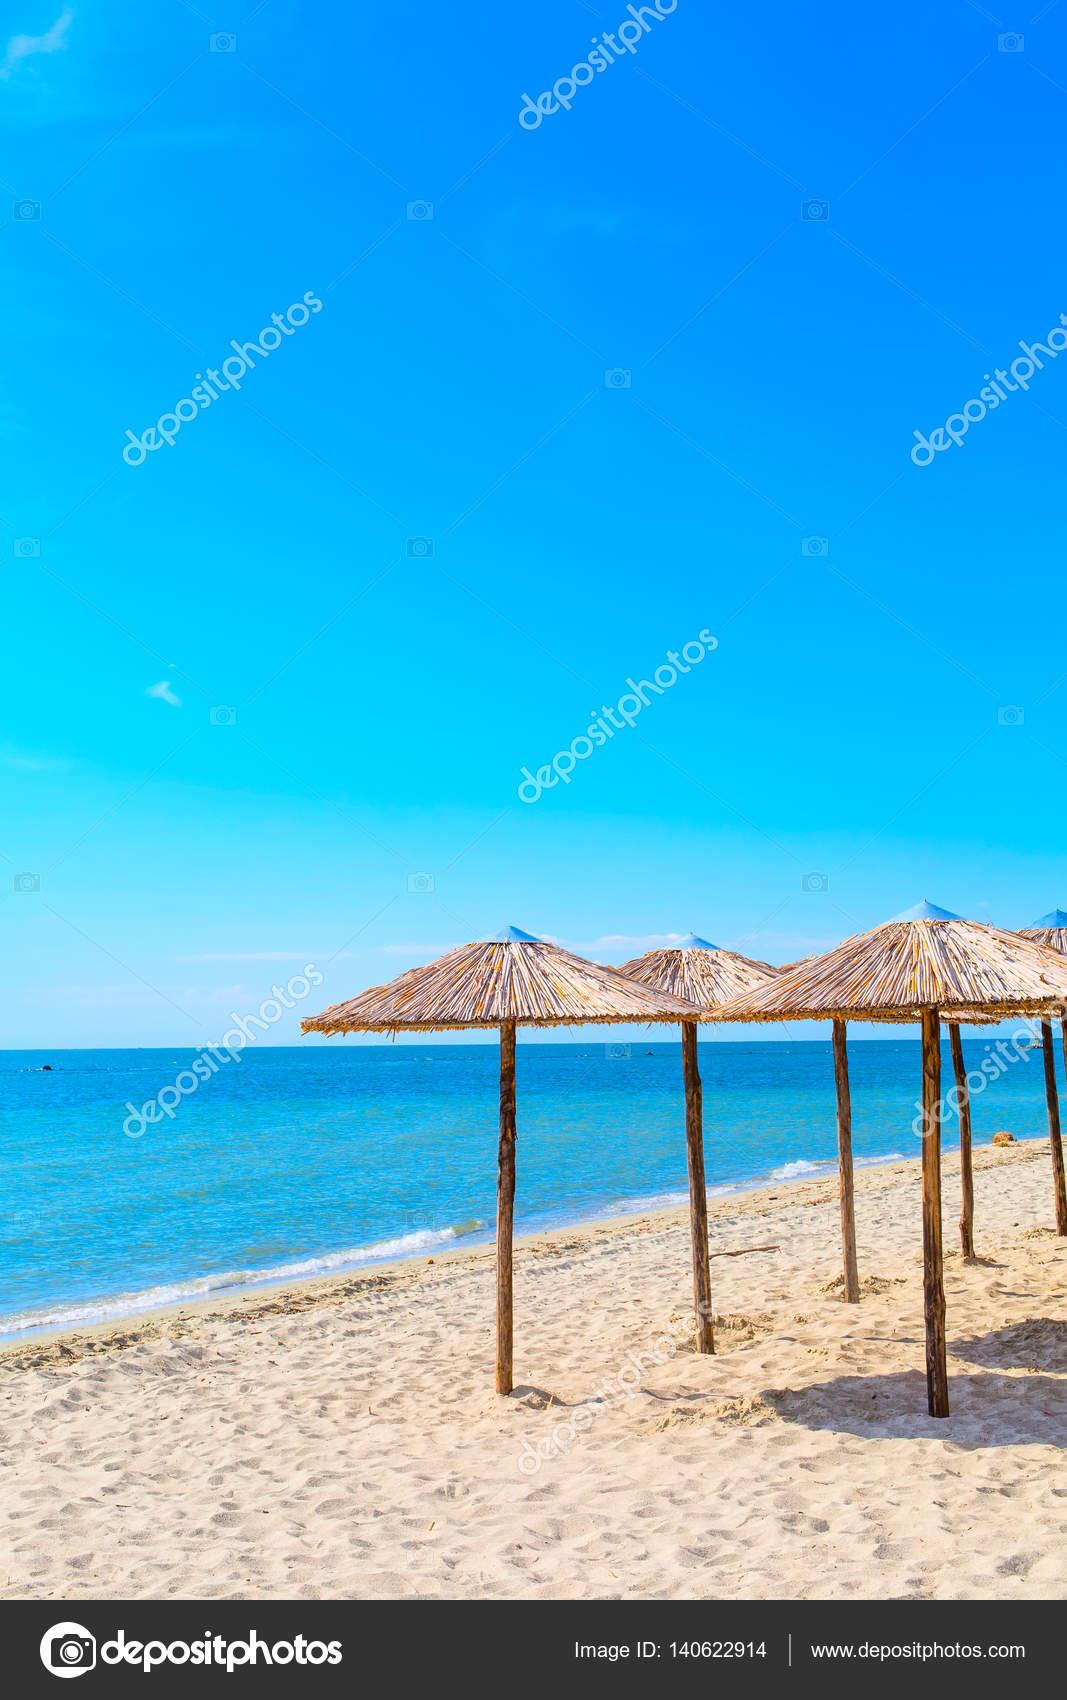 Wiersz O Drewniane Parasole Na Plaży Morza I Błękit Nieba